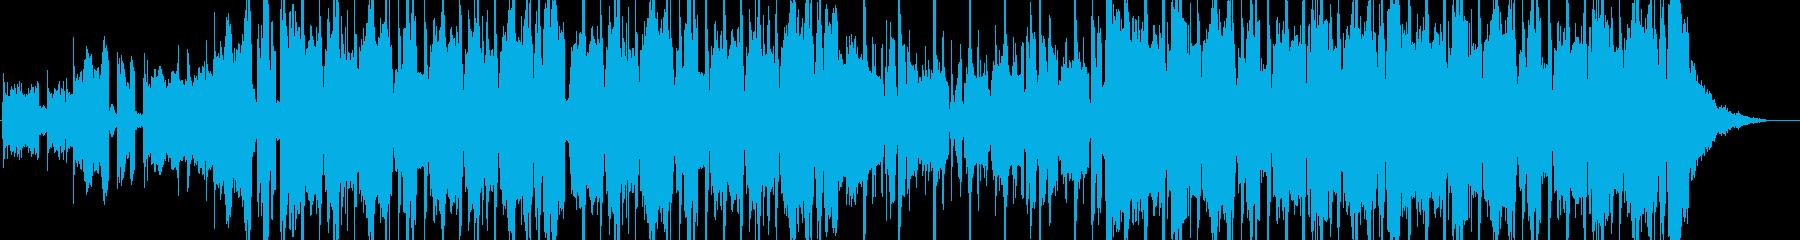 Hip-hop ほのぼの 幸せ ゆ...の再生済みの波形